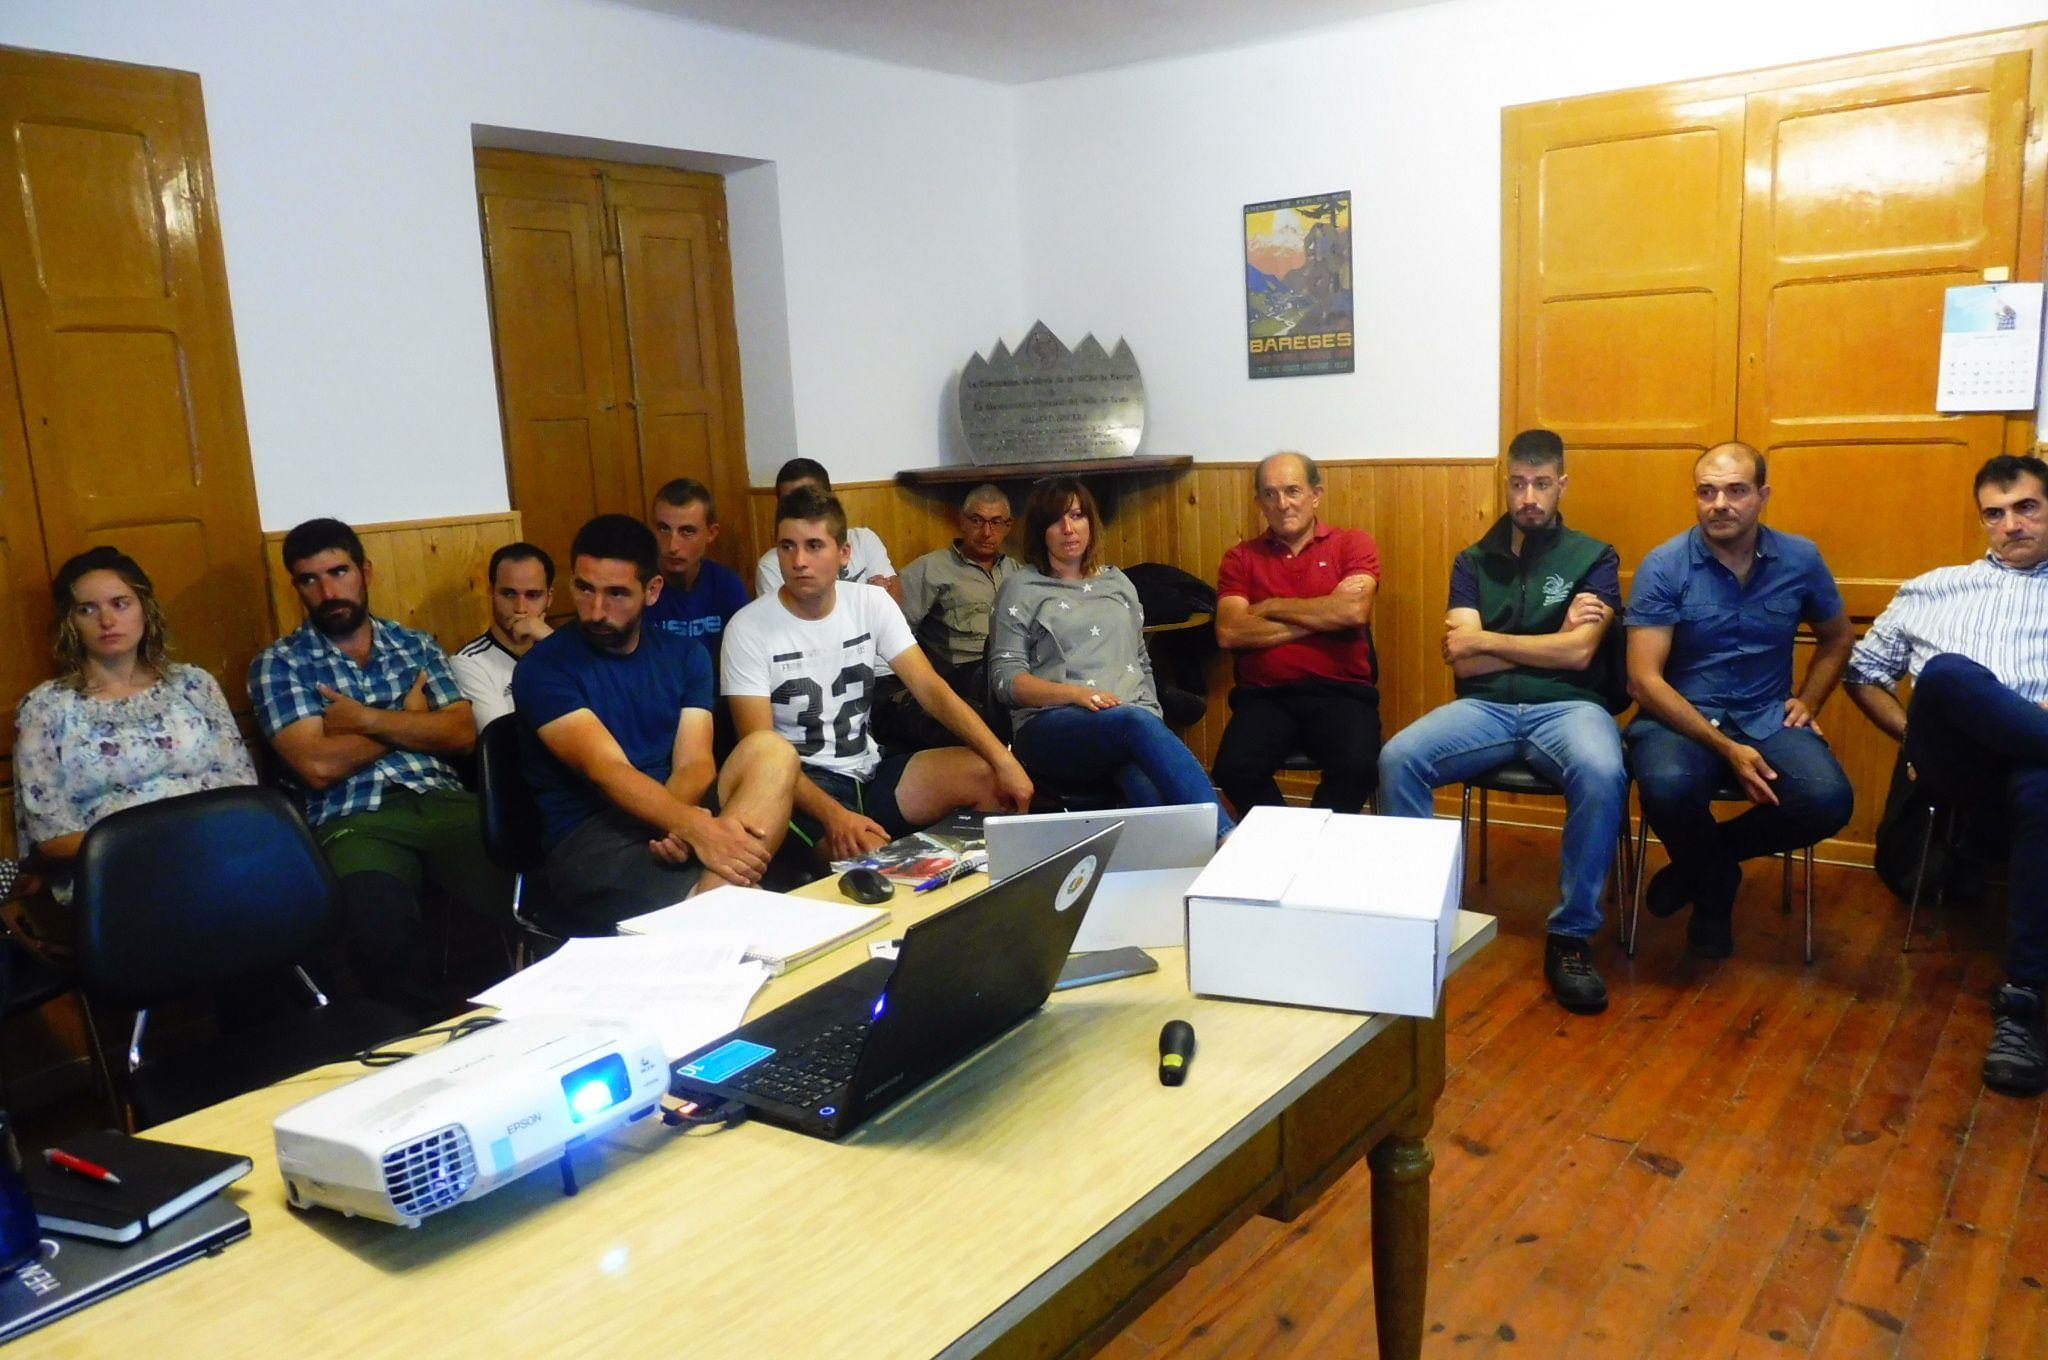 La Casa del Valle de Broto acogió la reunión. Foto: SobrarbeDigital